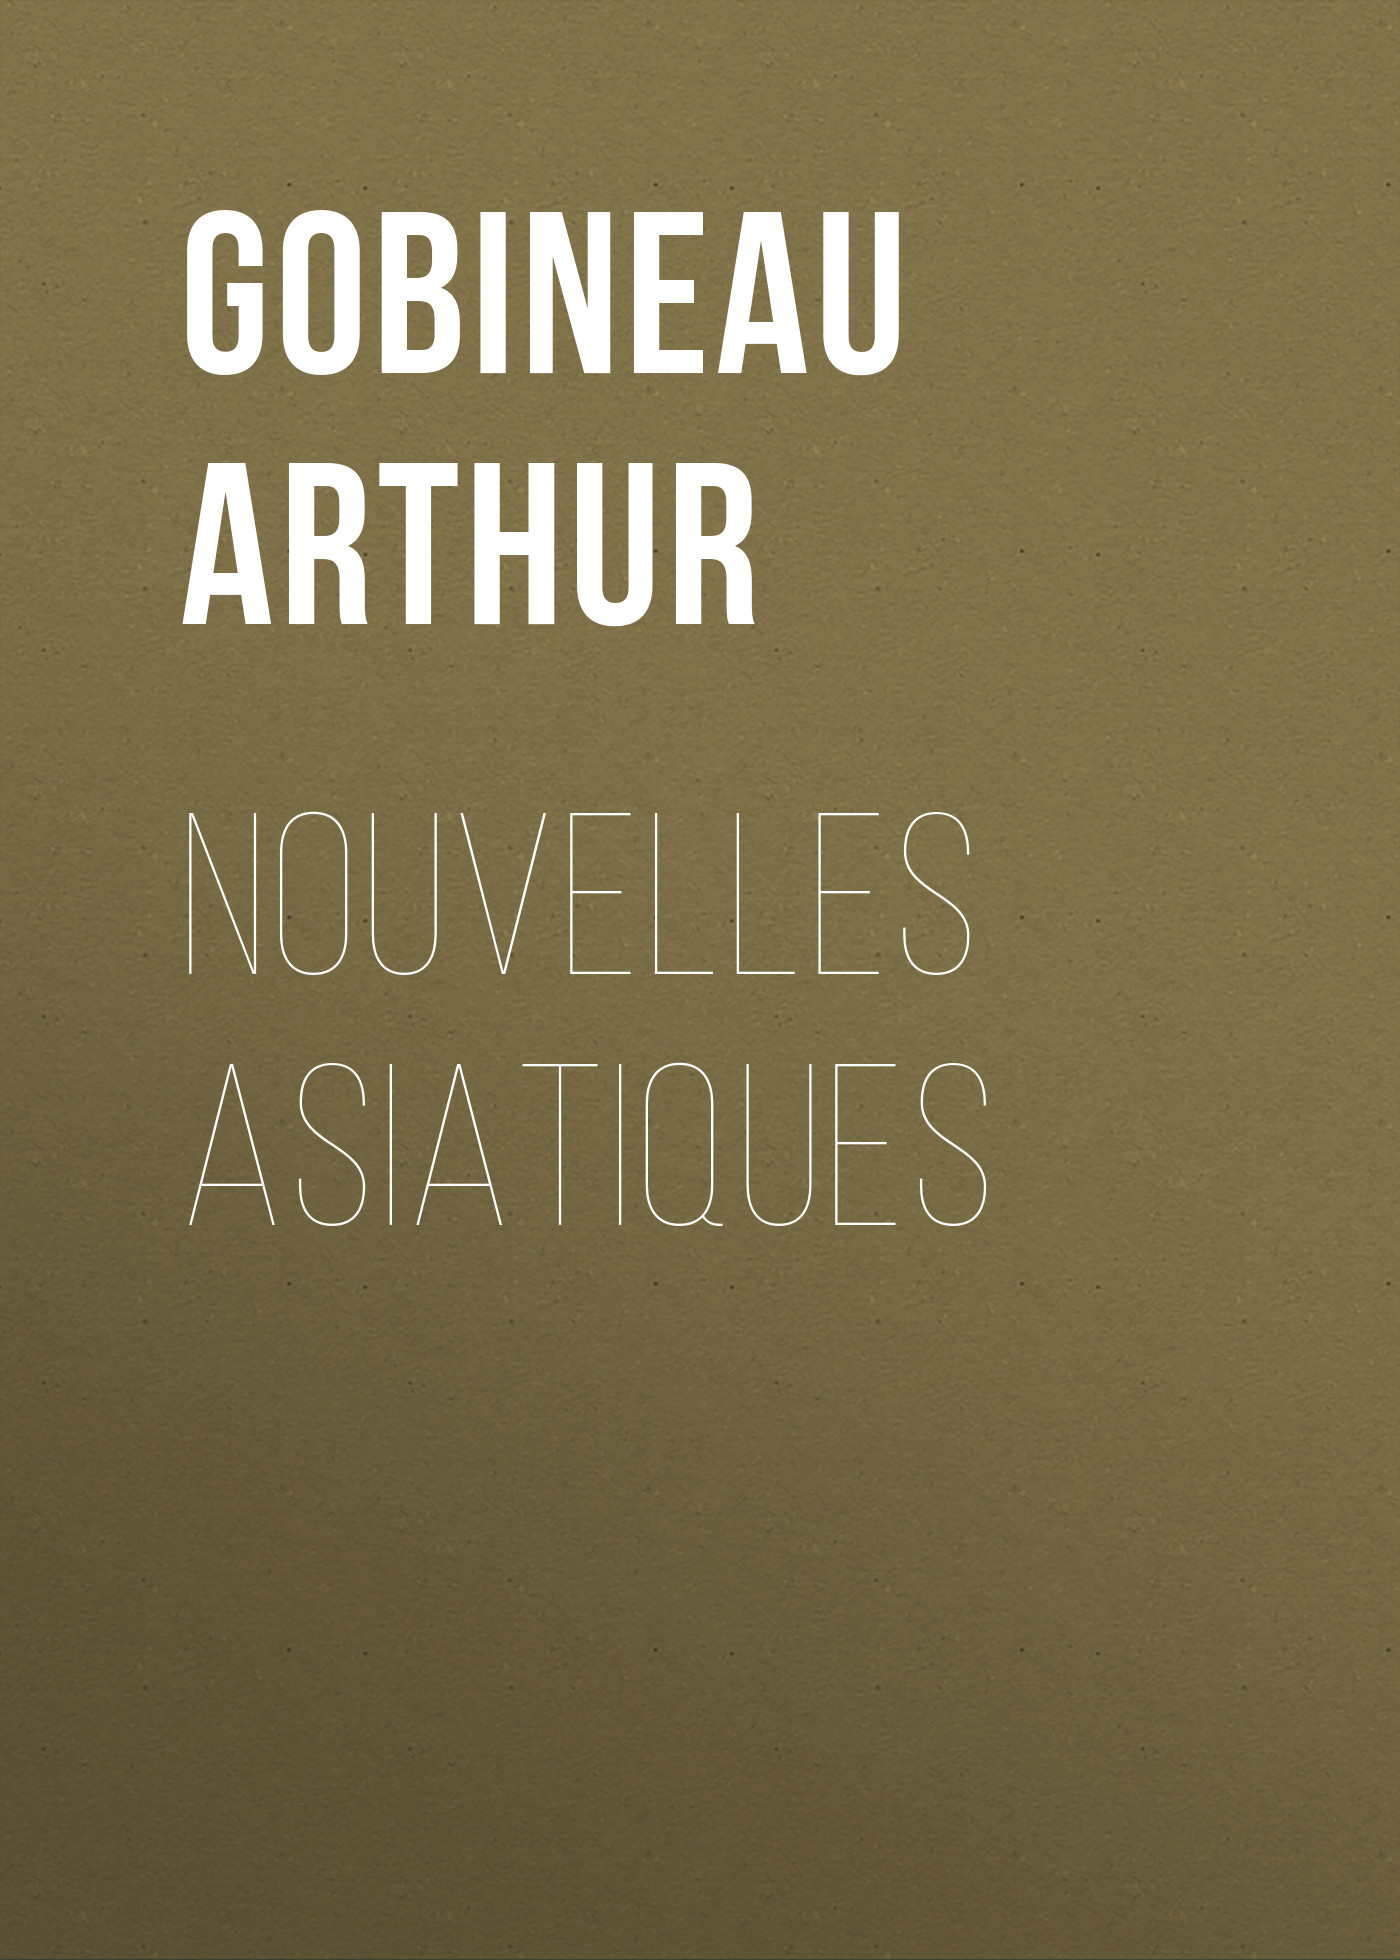 Gobineau Arthur Nouvelles Asiatiques